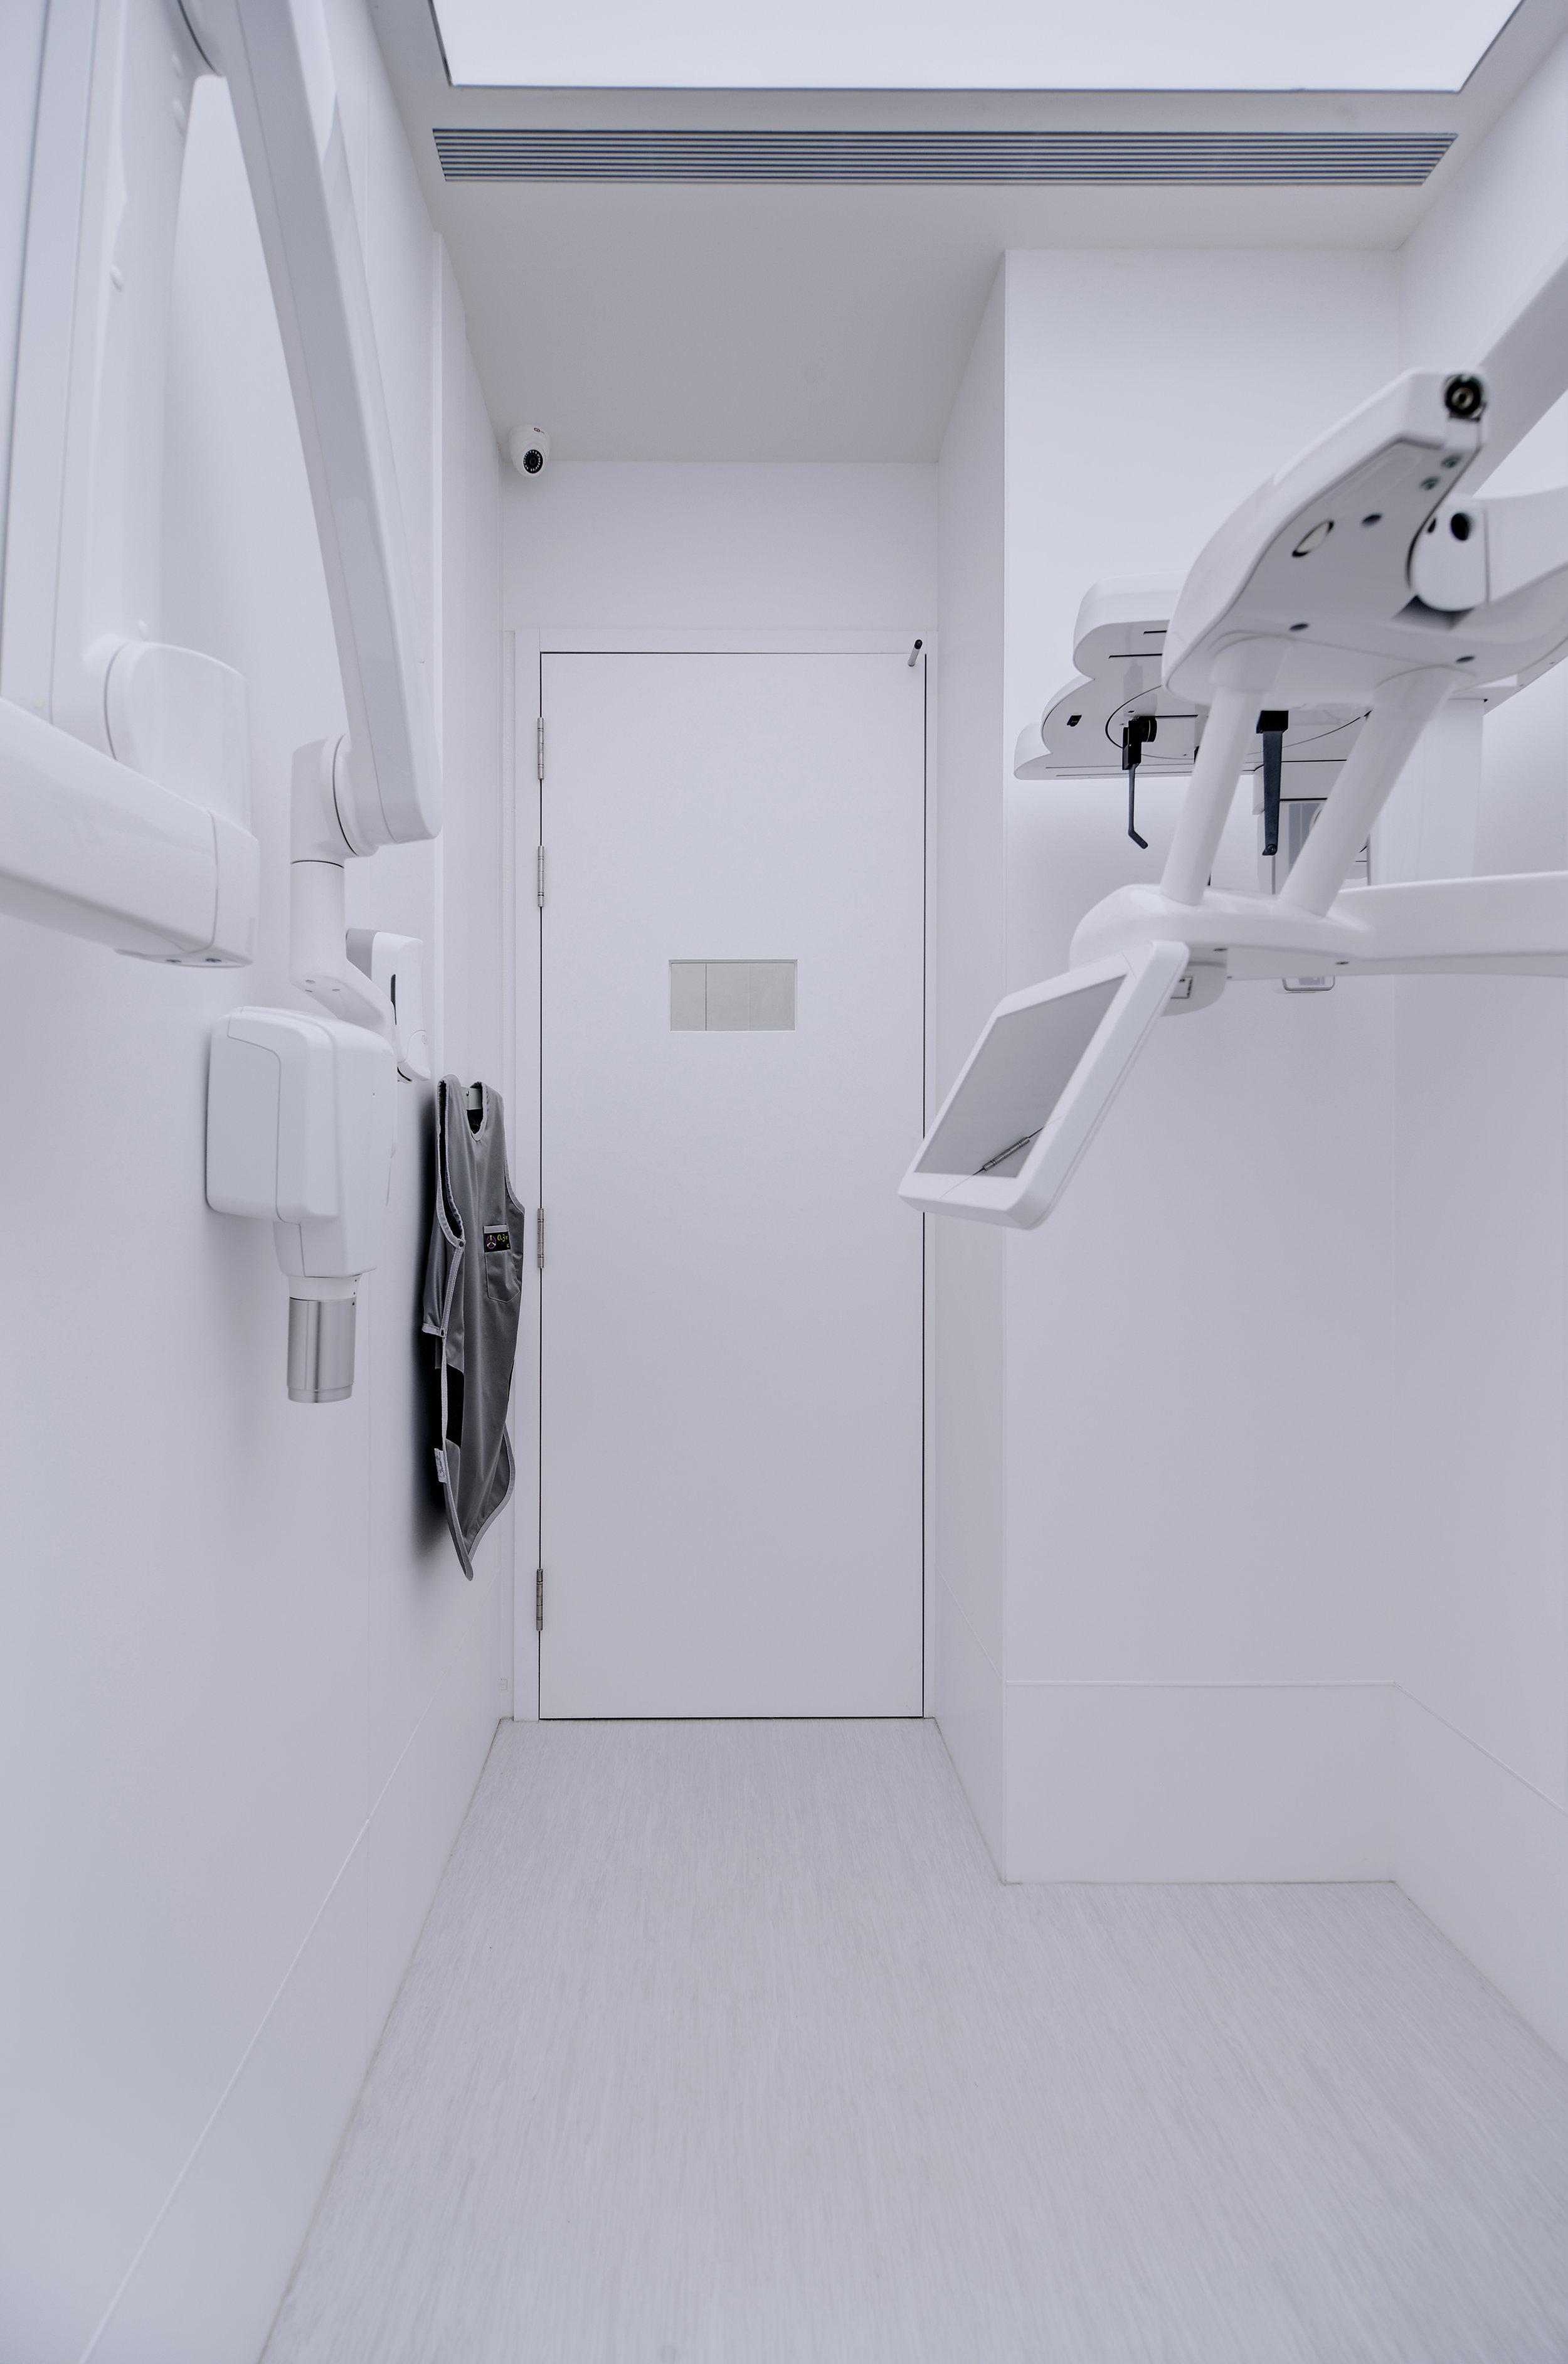 x-ray -2.jpg